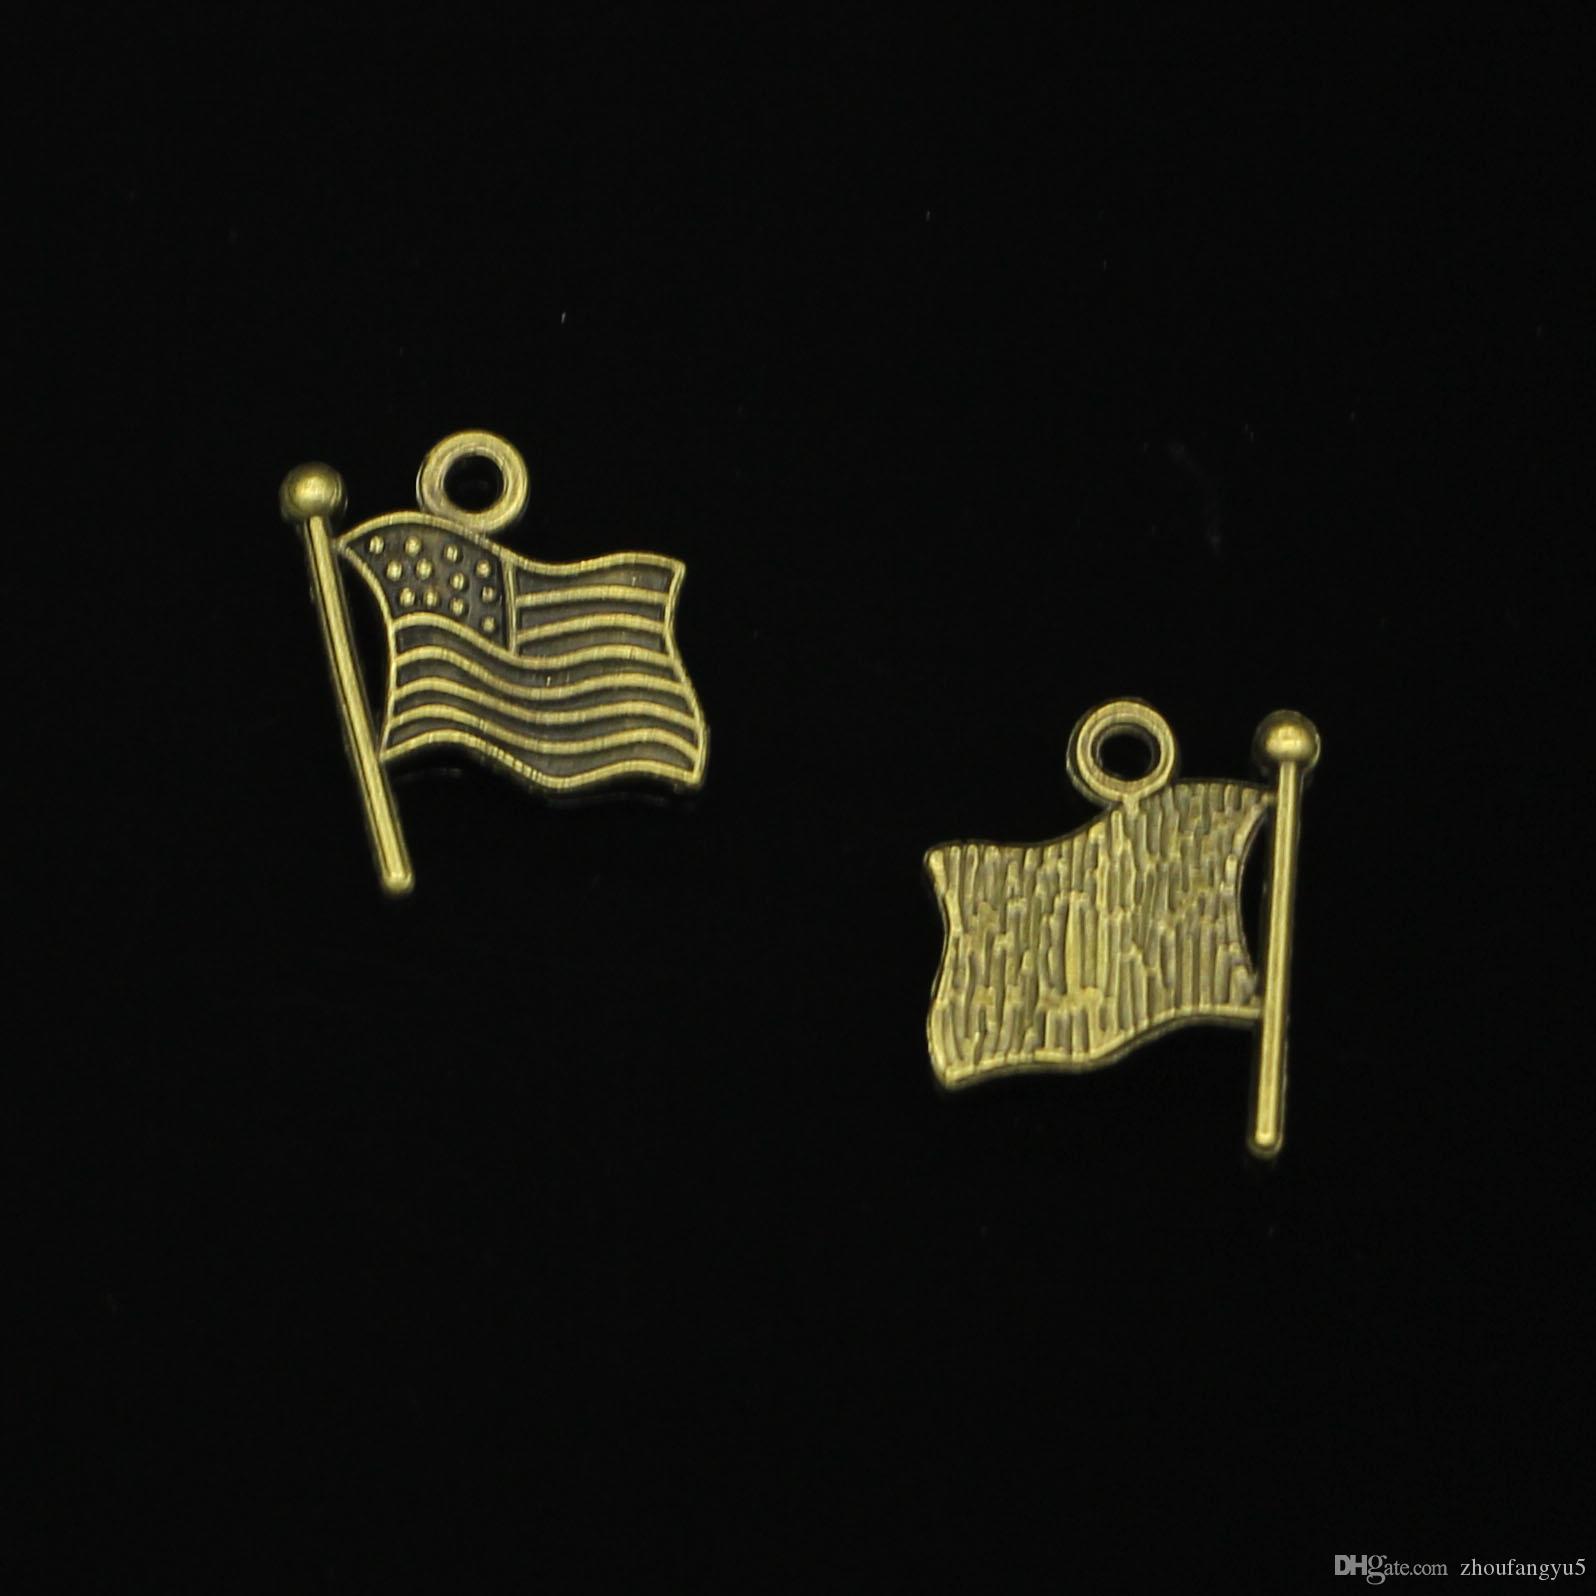 133 pcs liga de zinco encantos antique bronze banhado eua bandeira encantos para fazer jóias diy handmade pingentes 12mm